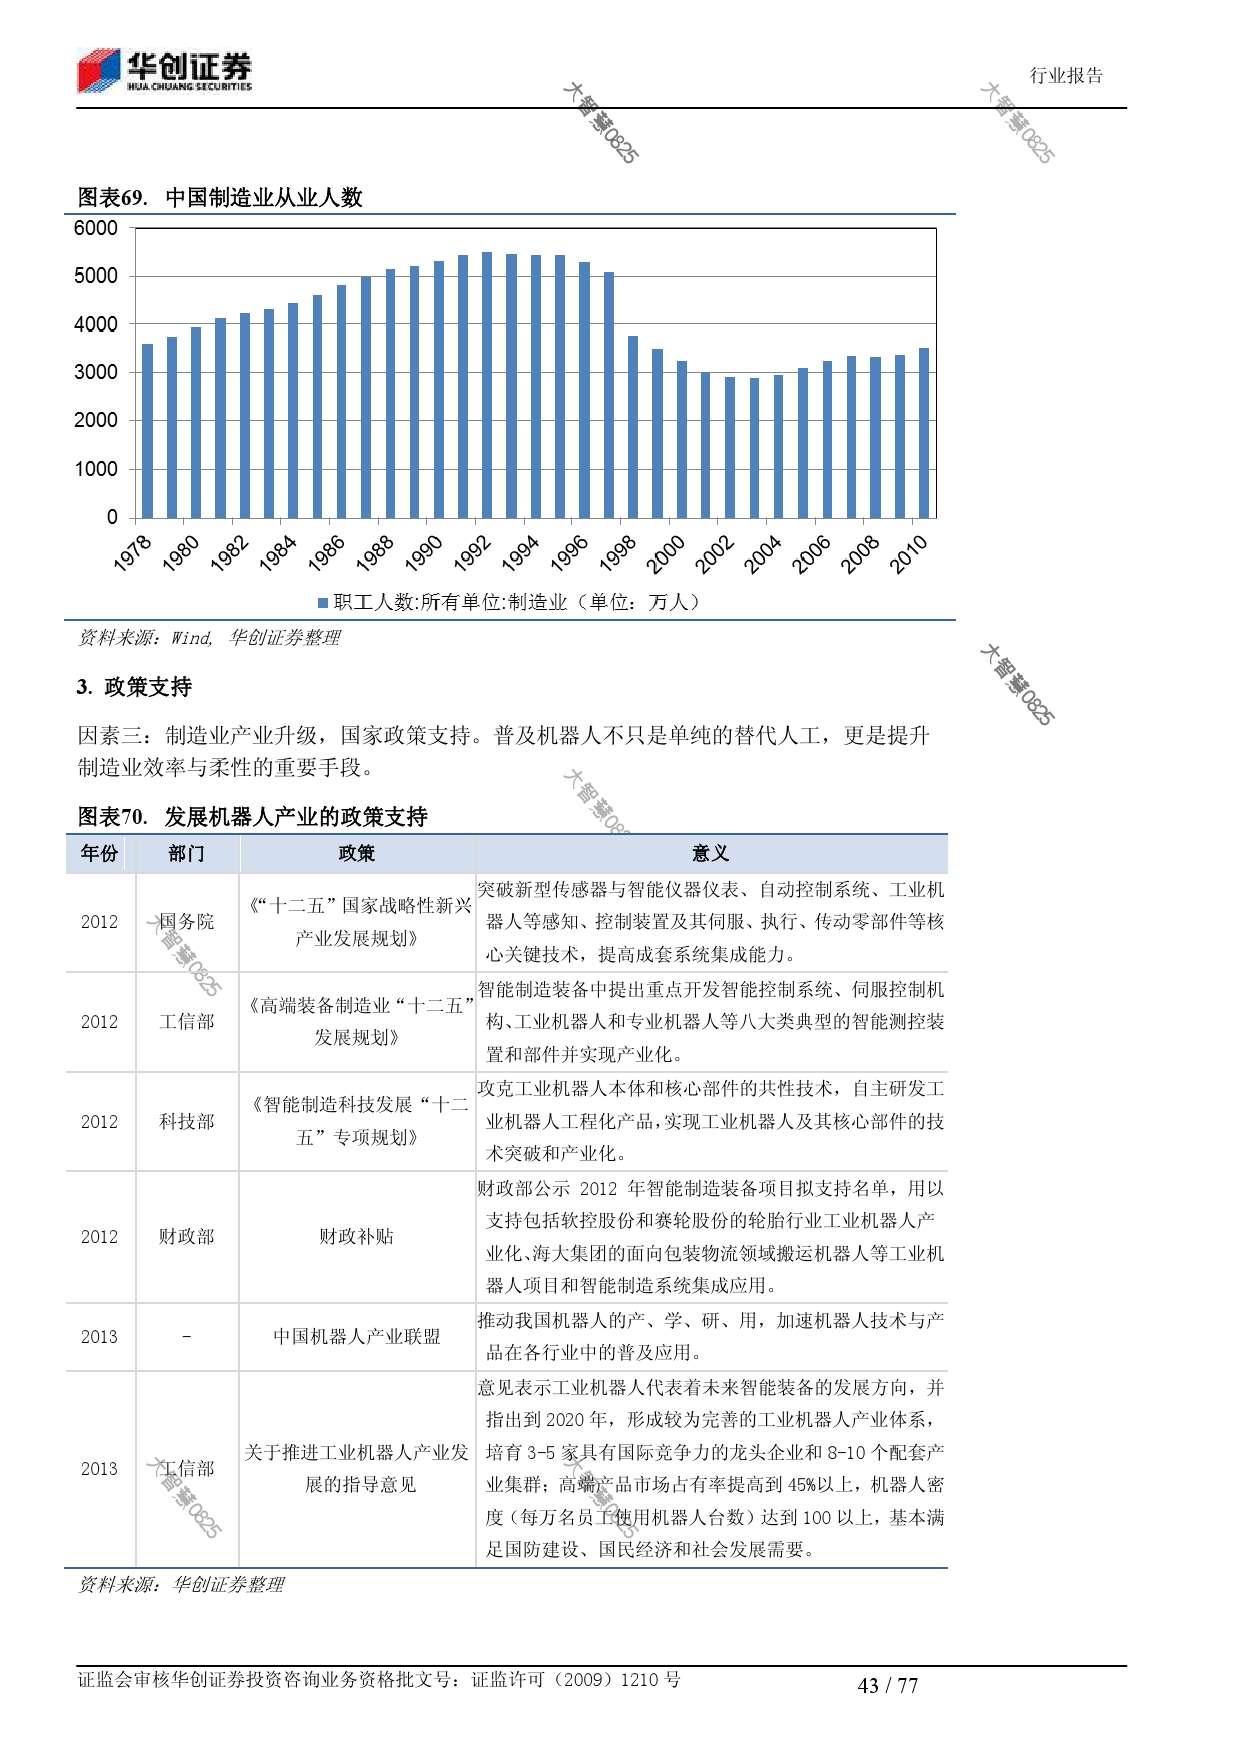 行业研究_华创证券_刘国清,鲁佩_机械设备:机器人大趋势_2014021_000043